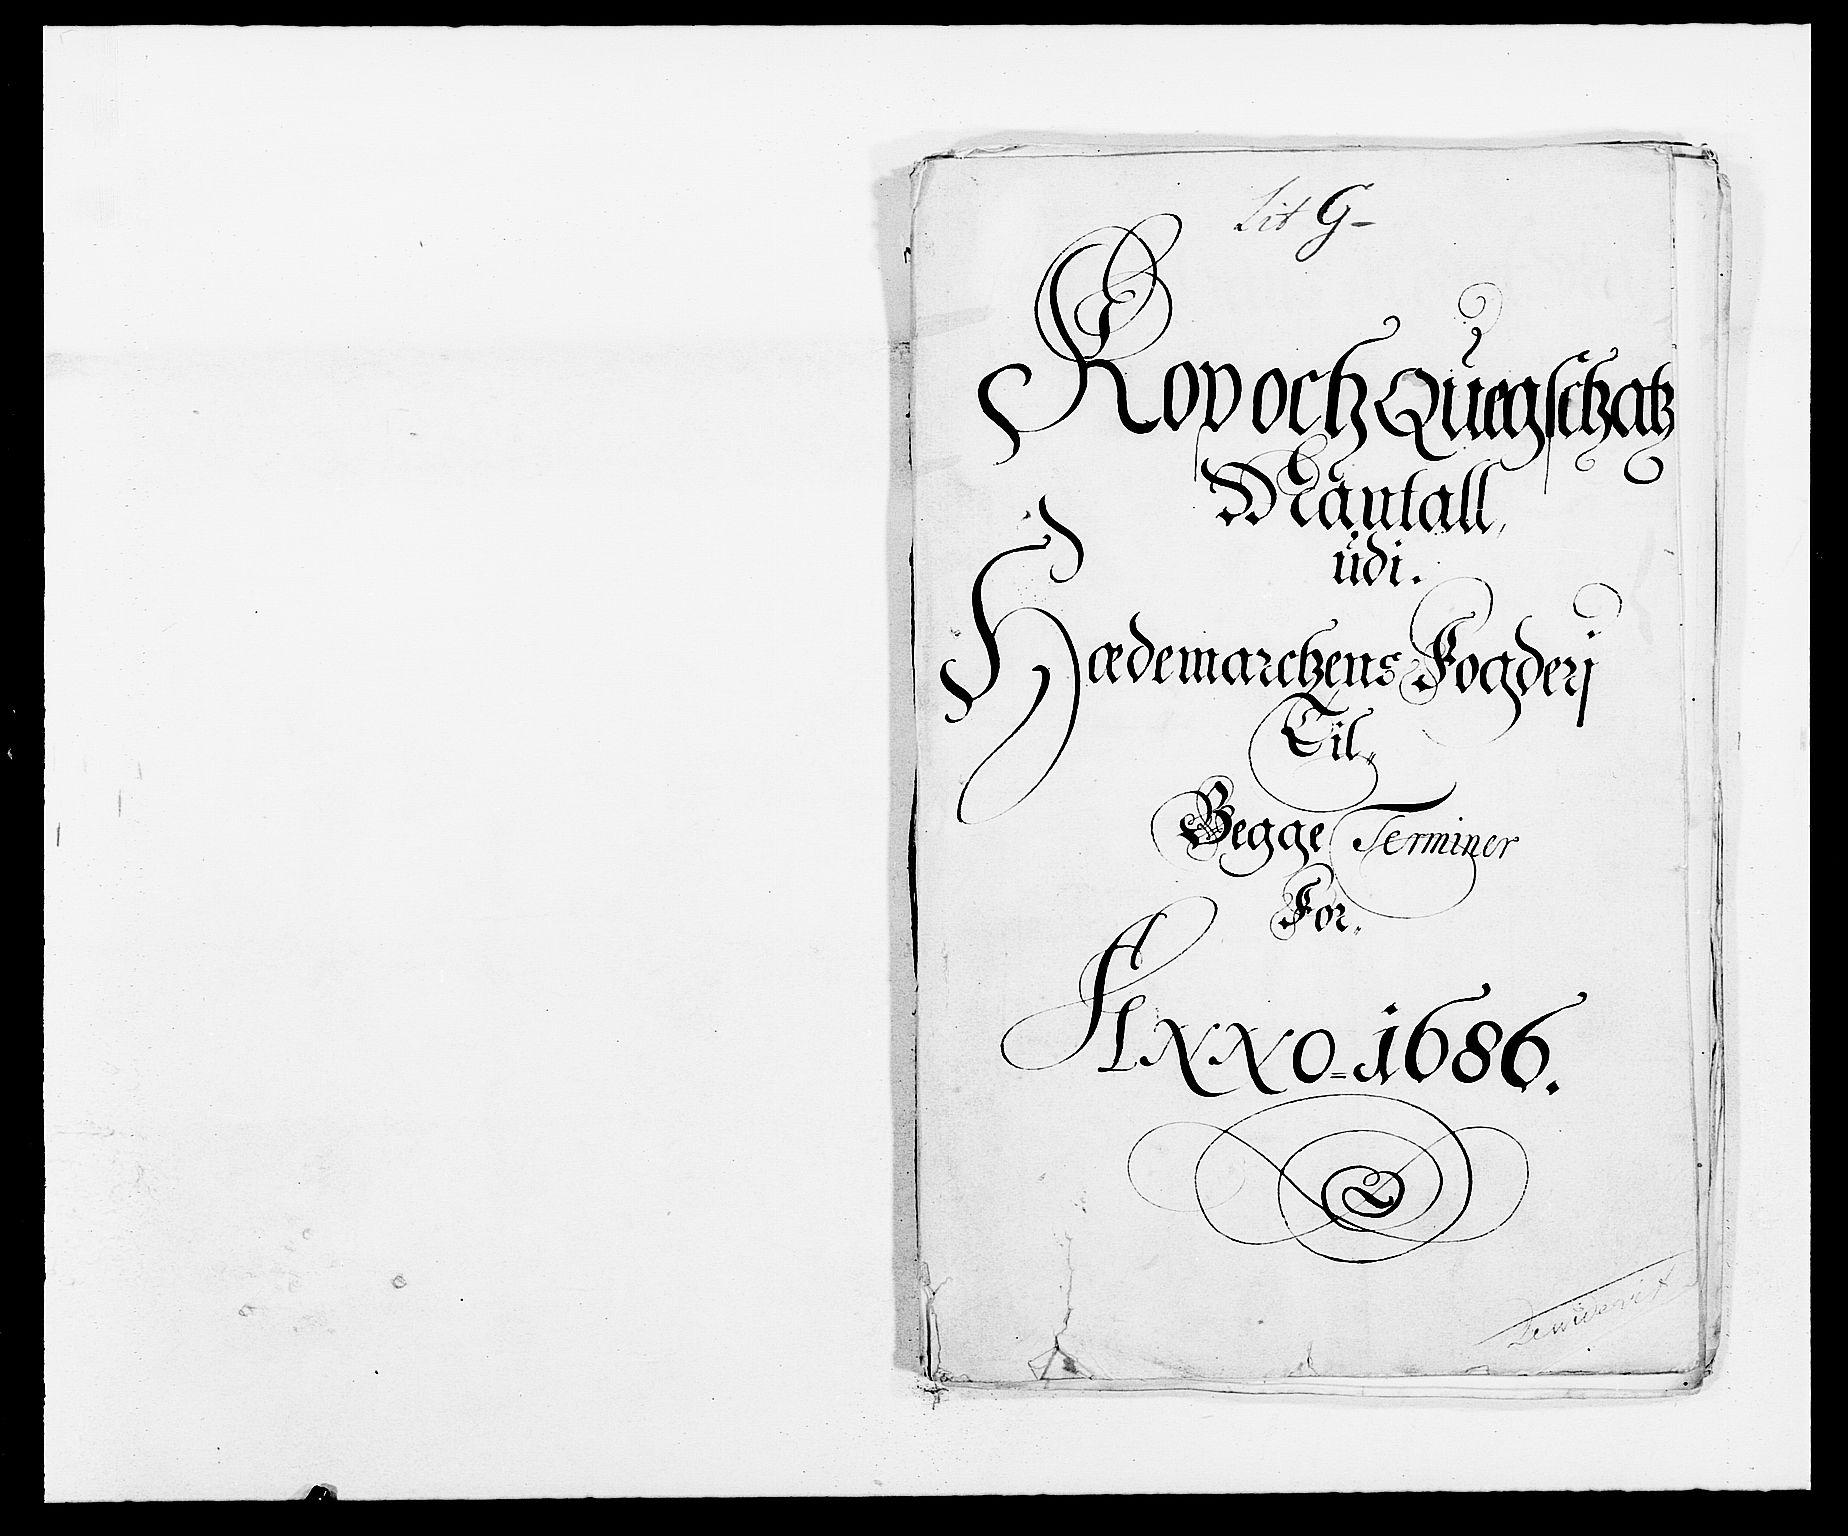 RA, Rentekammeret inntil 1814, Reviderte regnskaper, Fogderegnskap, R16/L1027: Fogderegnskap Hedmark, 1686, s. 318